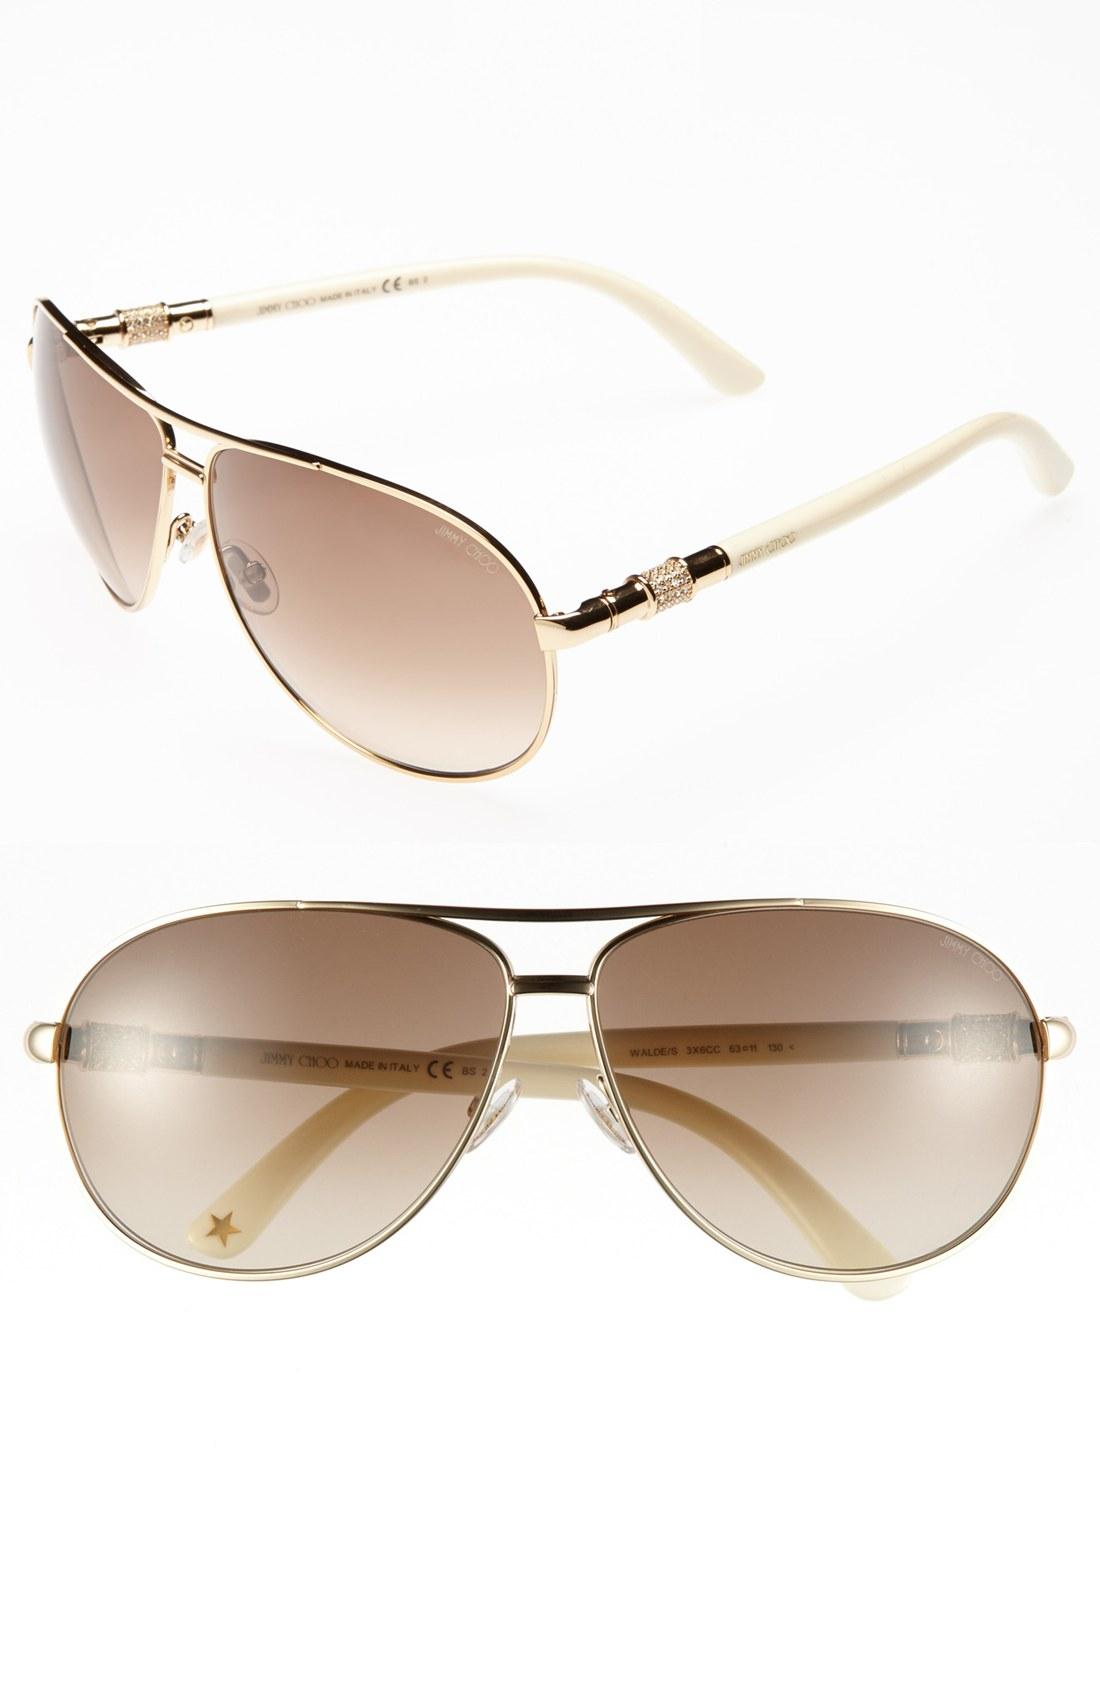 84766dafdb3a Jimmy Choo Sunglasses Women « Heritage Malta